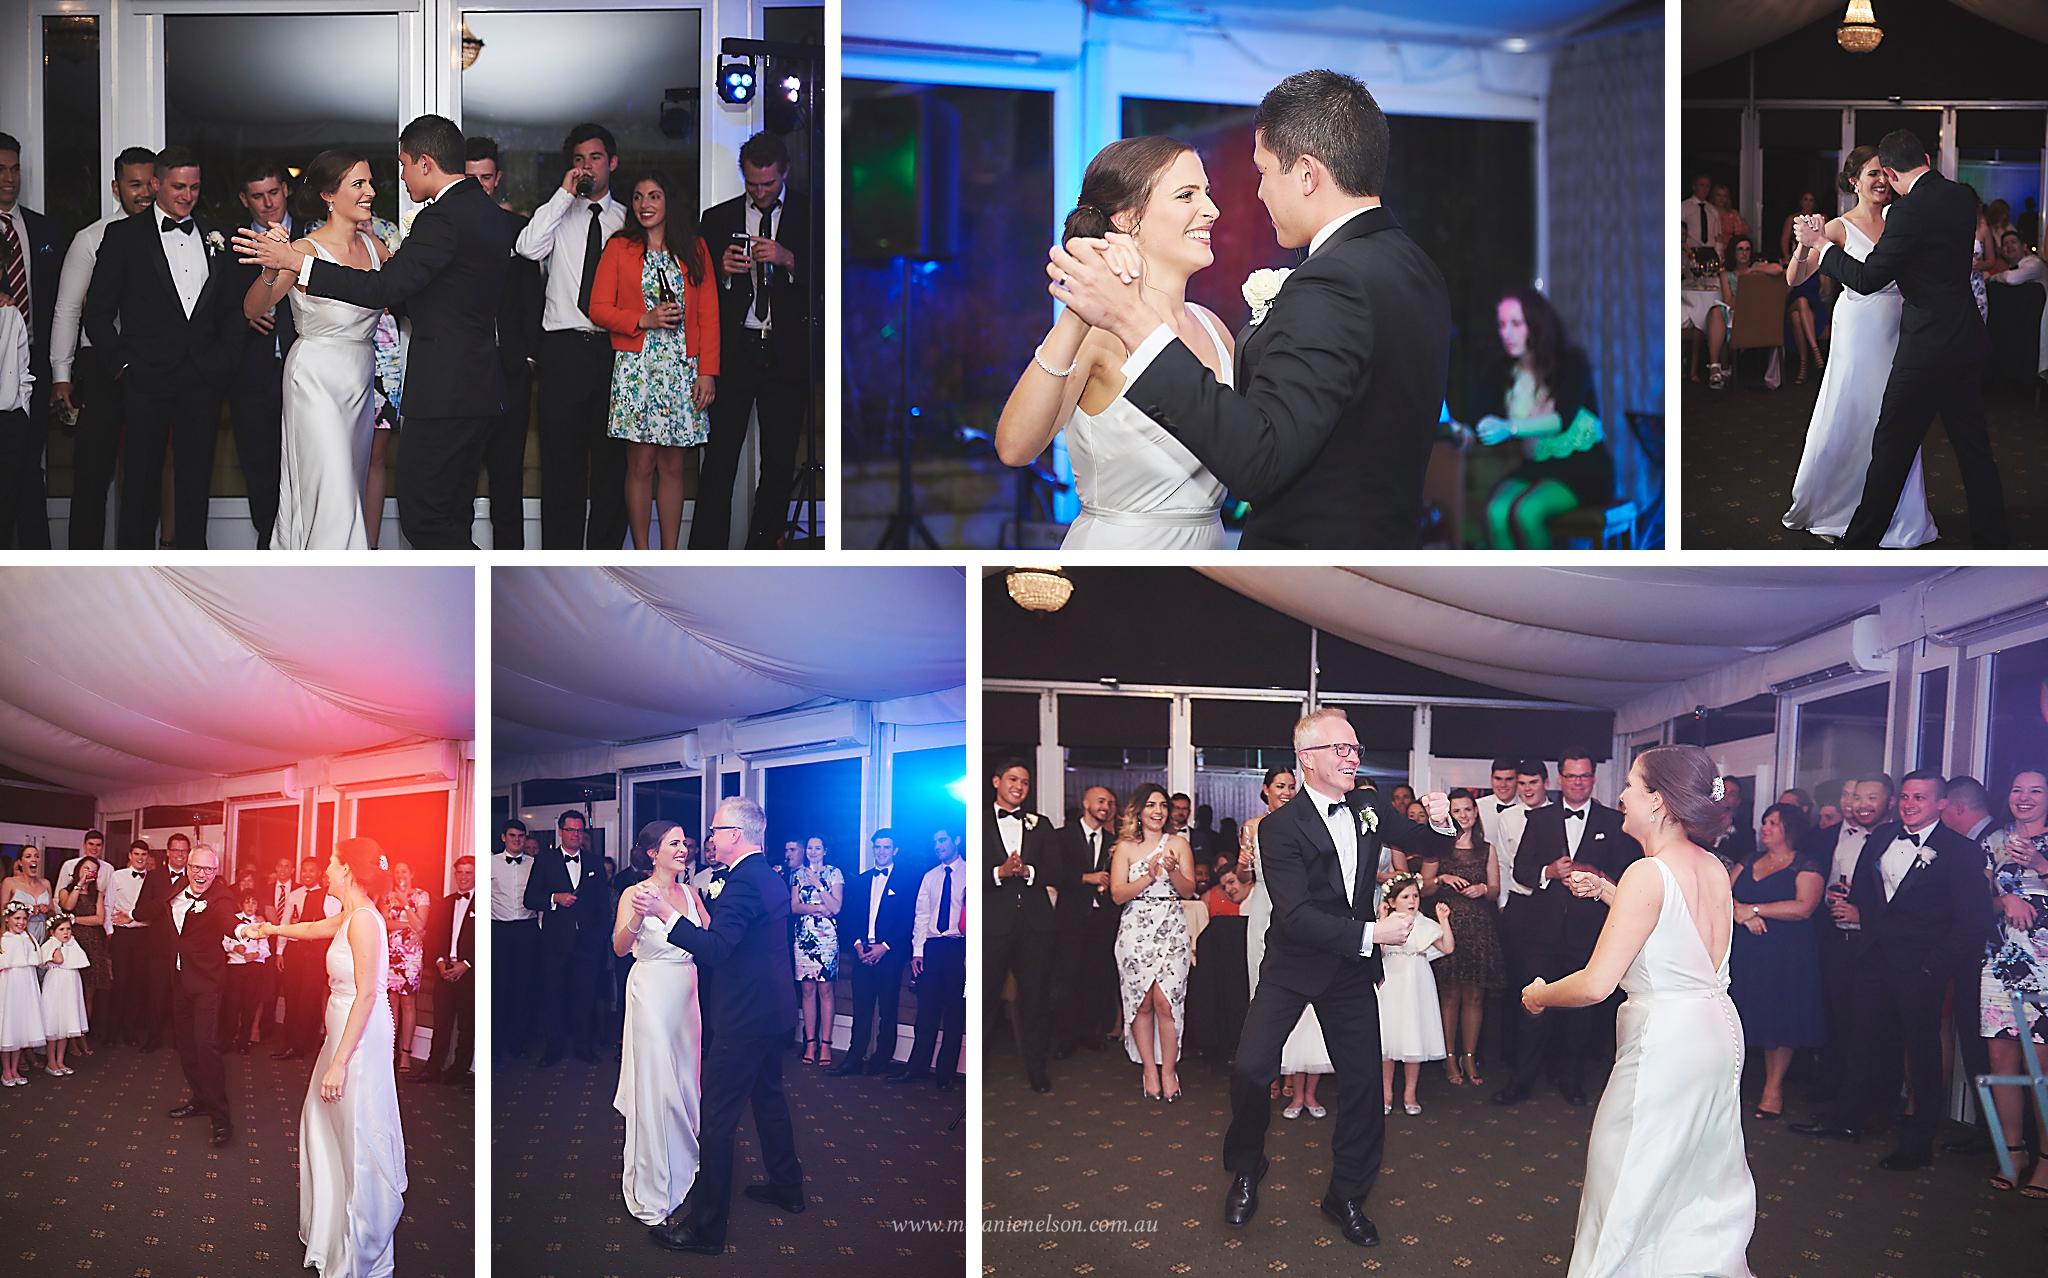 adelaide_hills_wedding_photography_0038.jpg